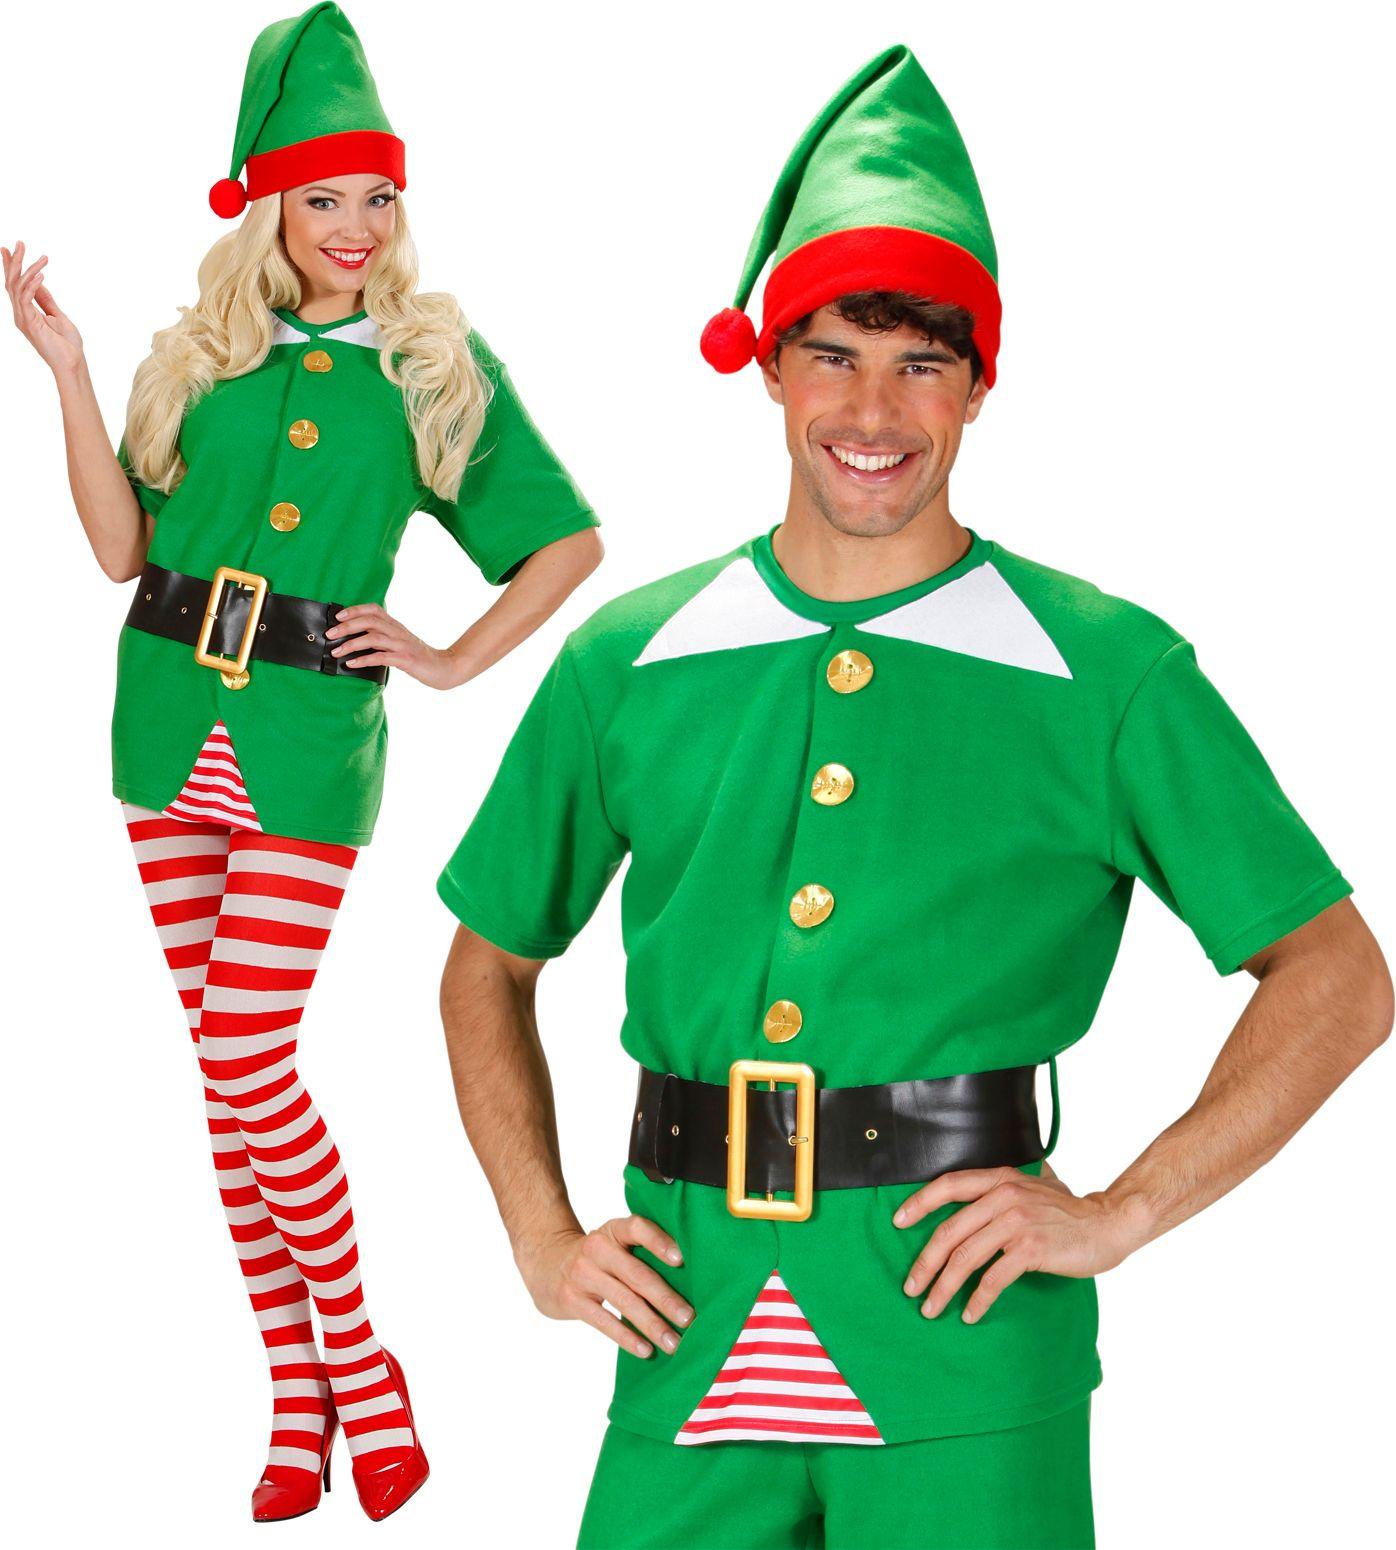 Groen elf shirt met muts en riem